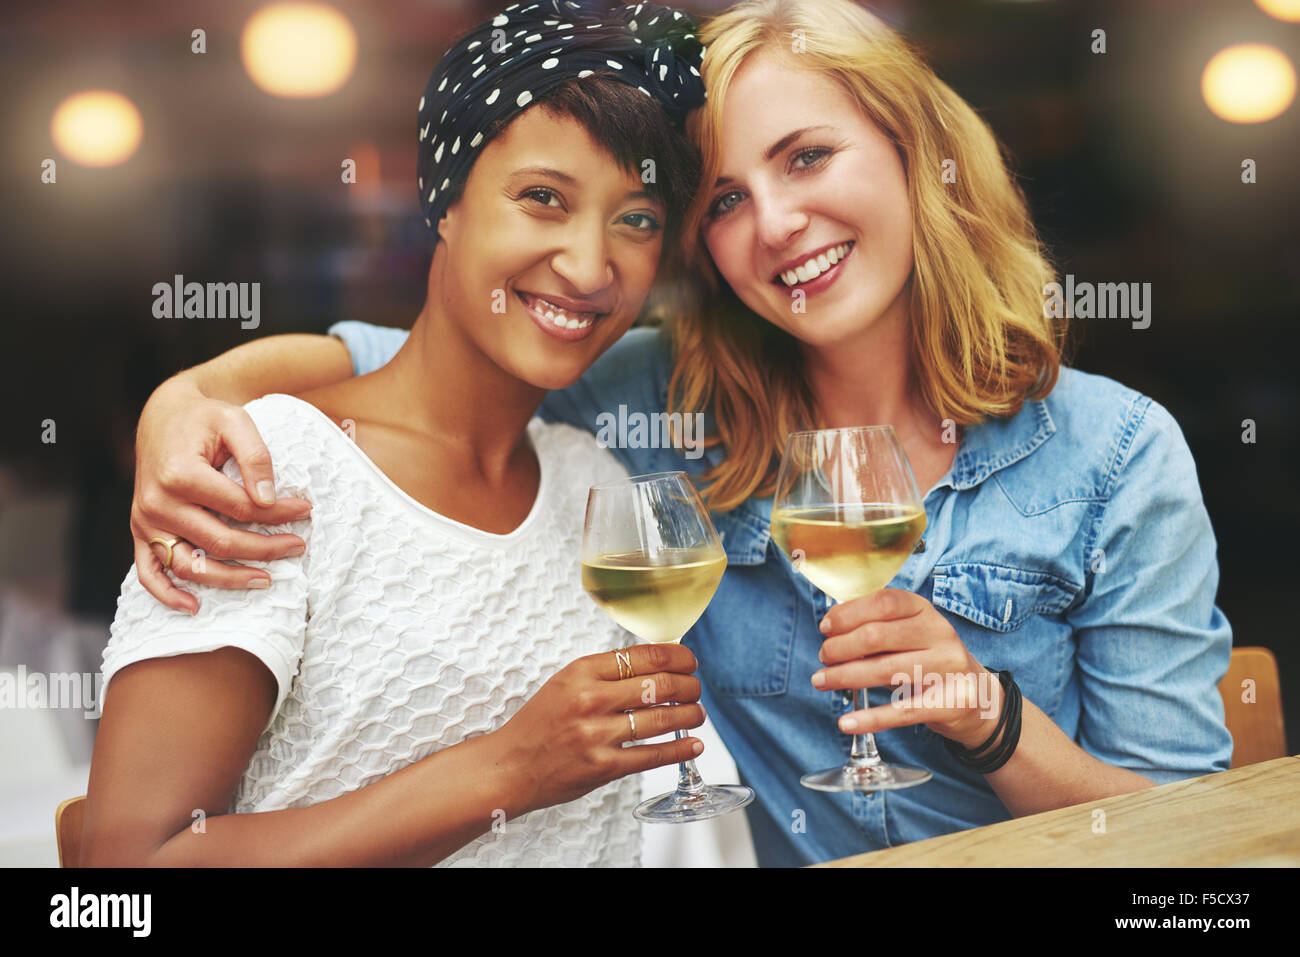 Zwei wunderschöne junge multiethnischen Frauen bei einem Glas Wein ihre Gläser in einem Toast auf die Stockbild